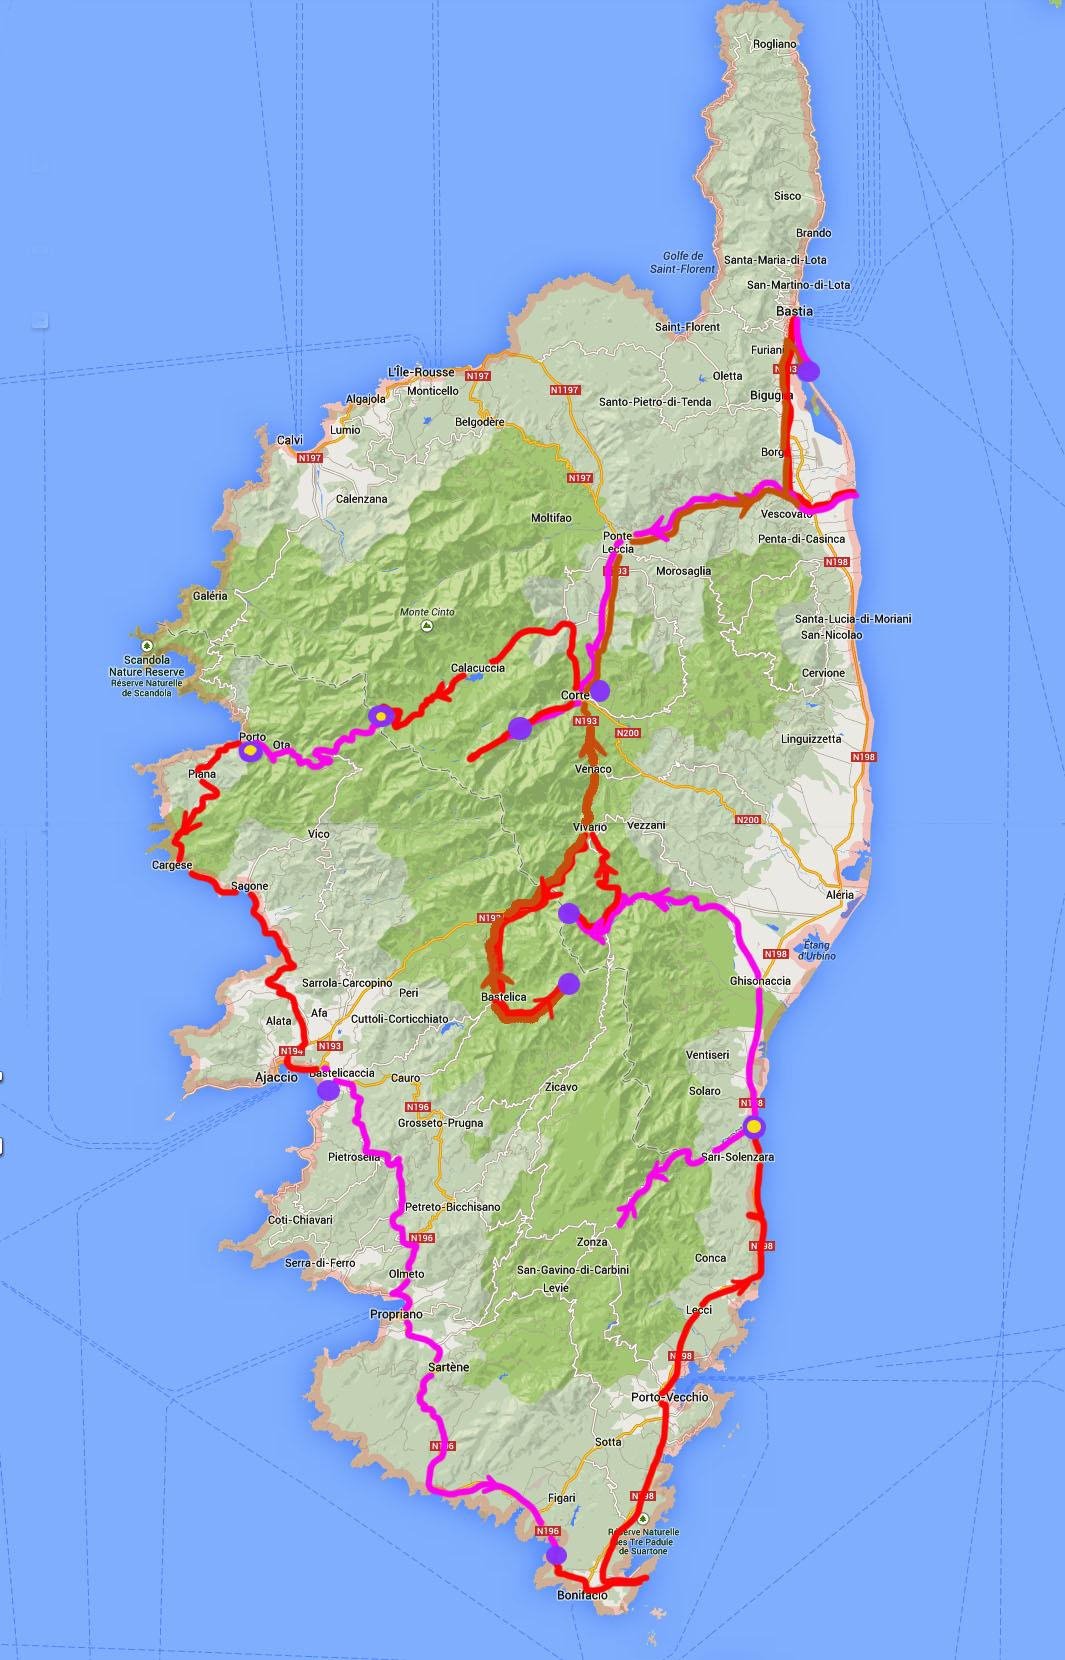 Korsika Po 16 Letech 2013